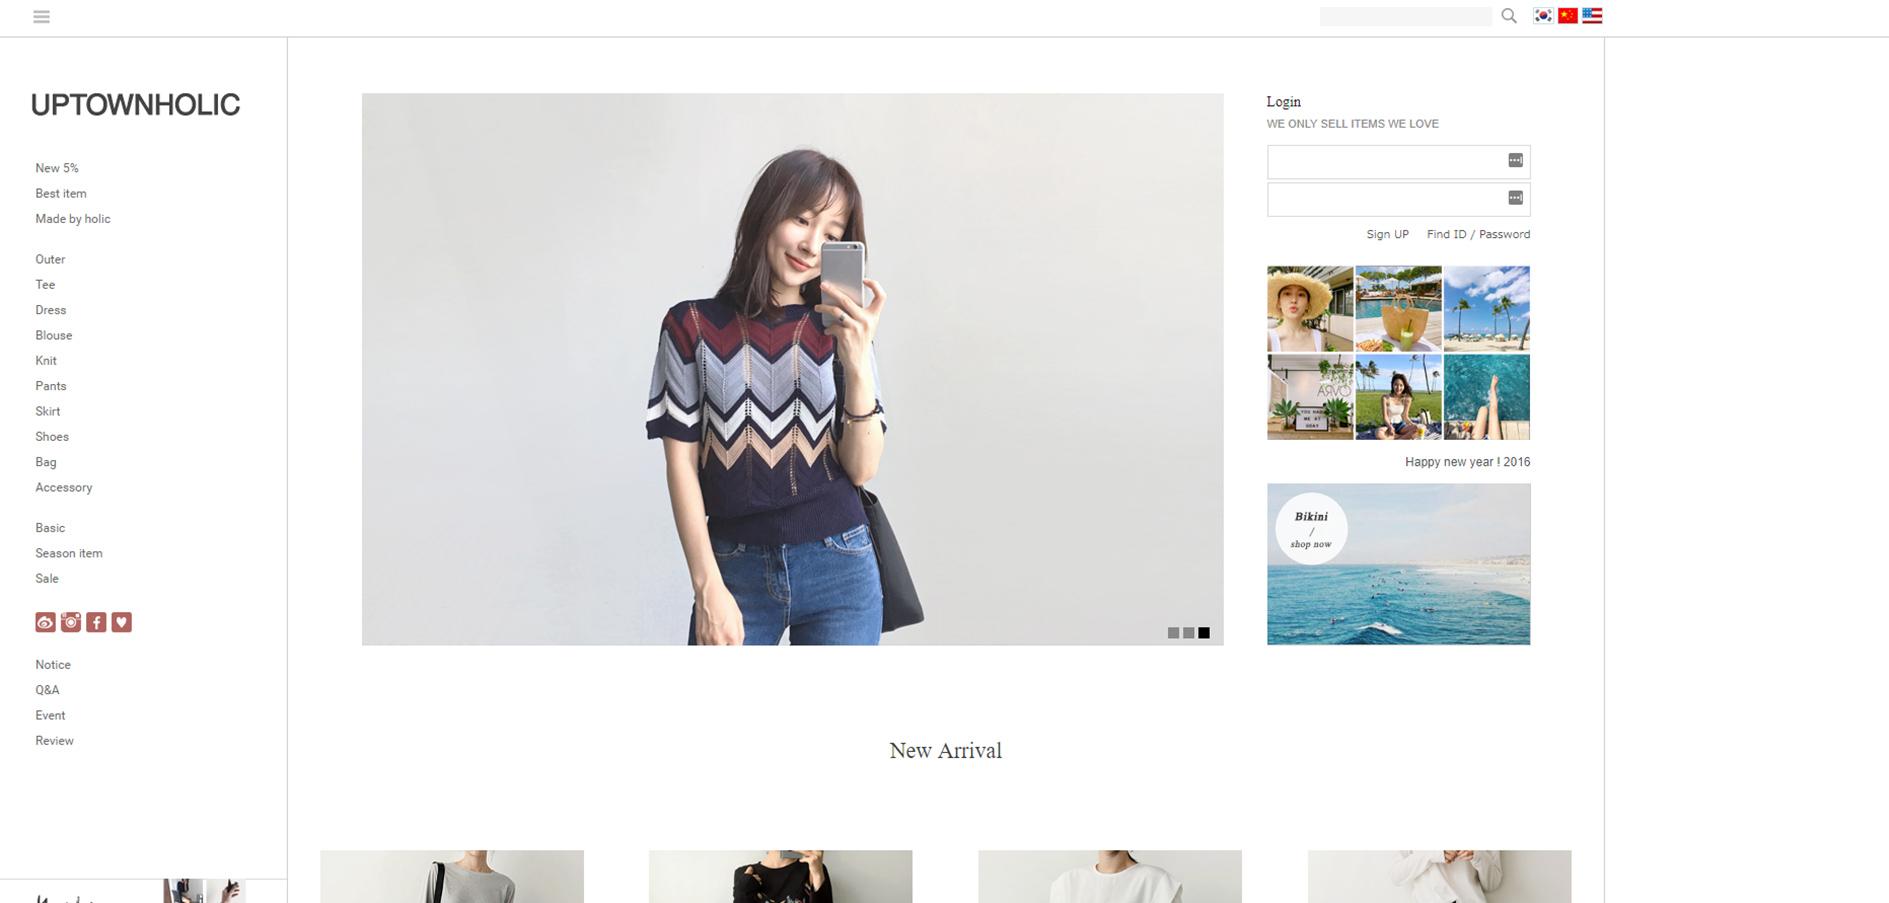 20代におすすめな韓国ファッション通販サイトのUPTOWNHOLIC(アップタウンホリック)